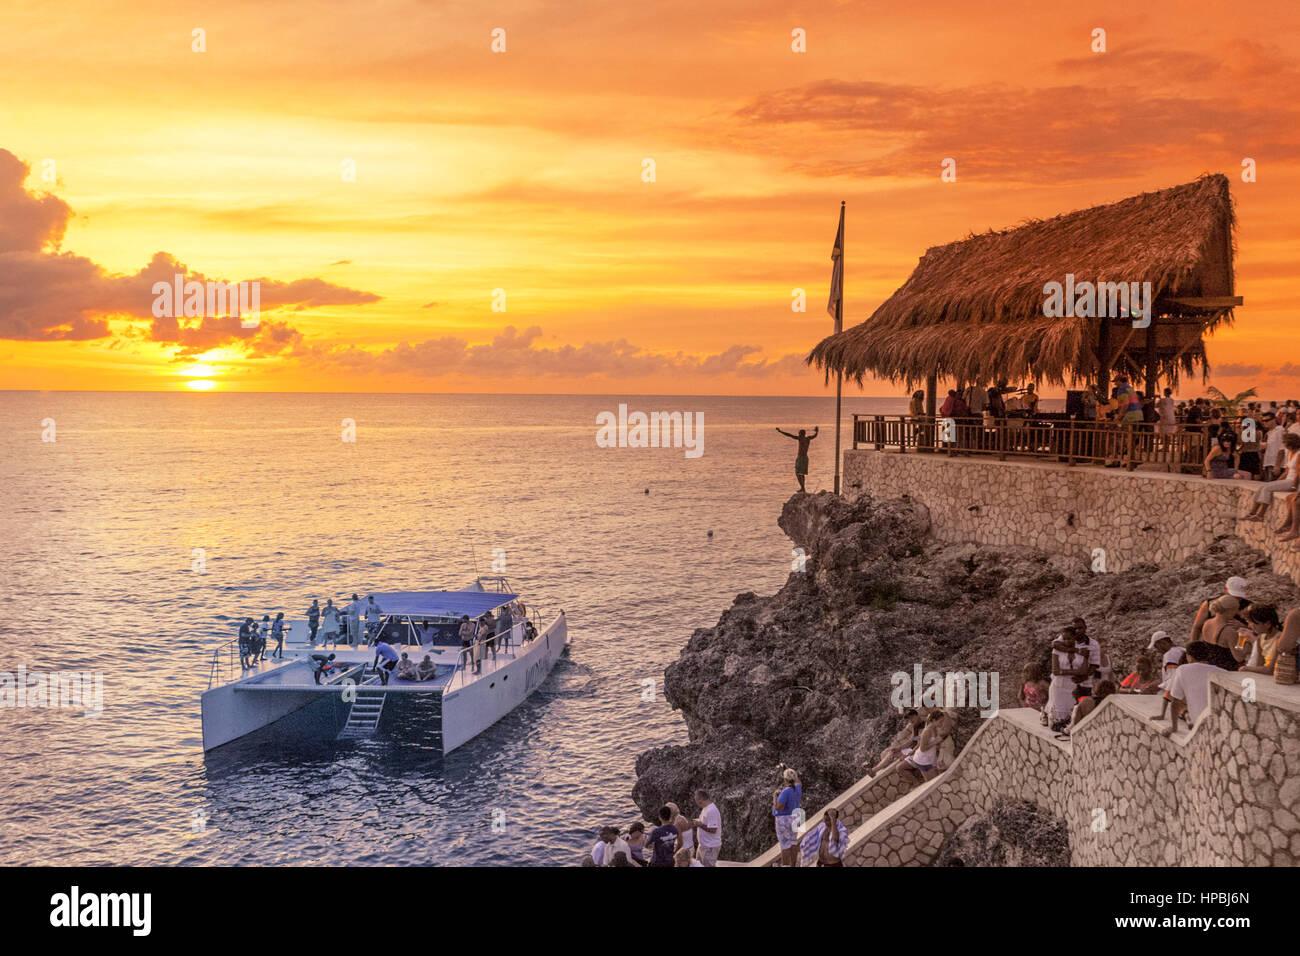 Ricks Cafe open air bar , Rick´s viewpoint at sunset, Catamaran, nightlife, Negril Jamaica, Stock Photo